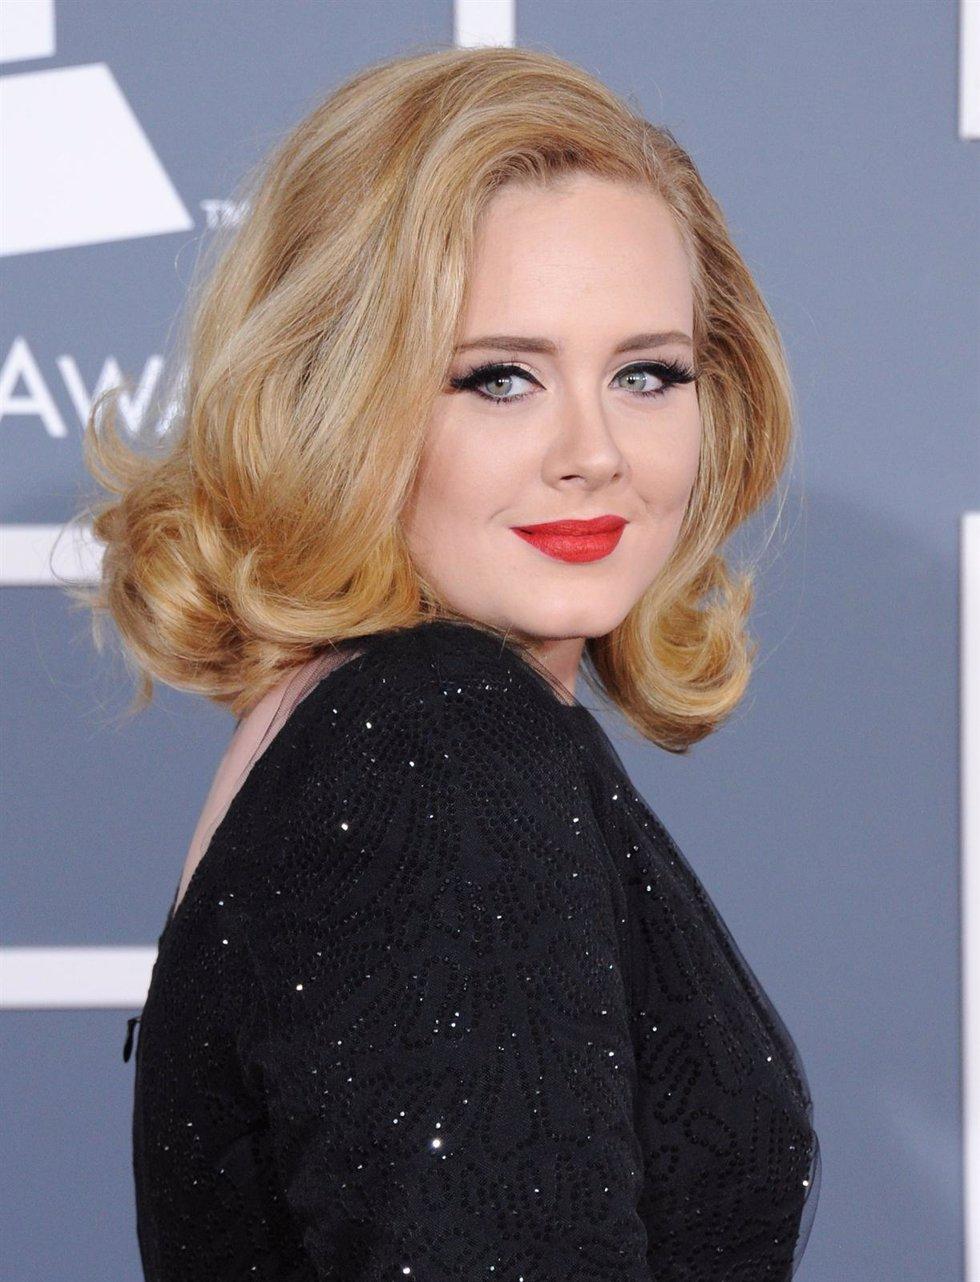 Adele Posa En Los Premios GRAMMY 2012